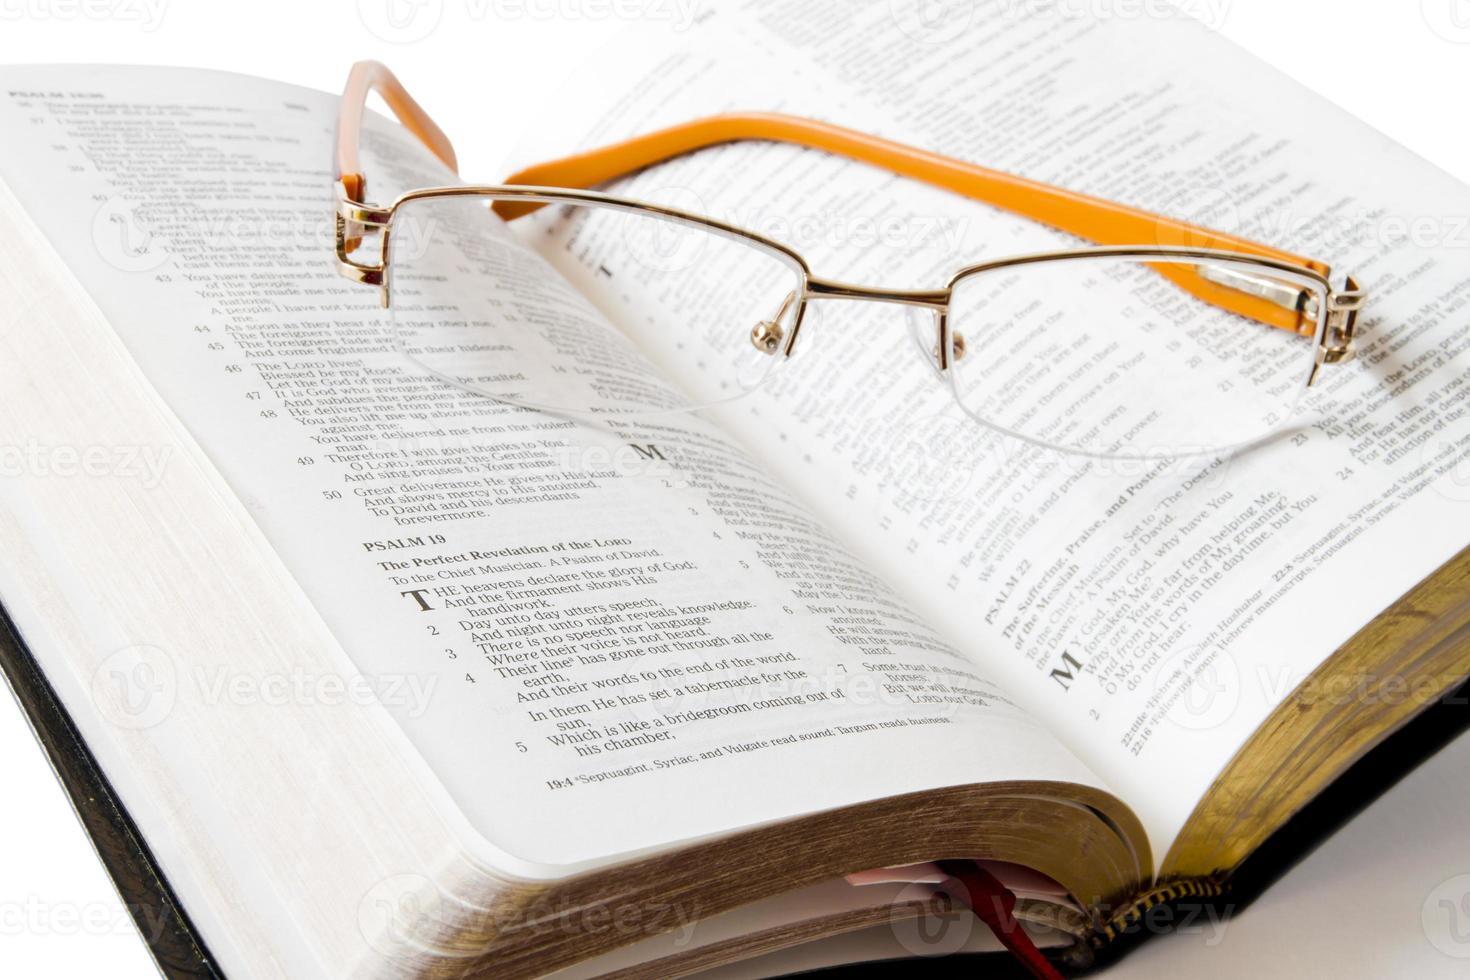 die heilige Bibel studieren foto